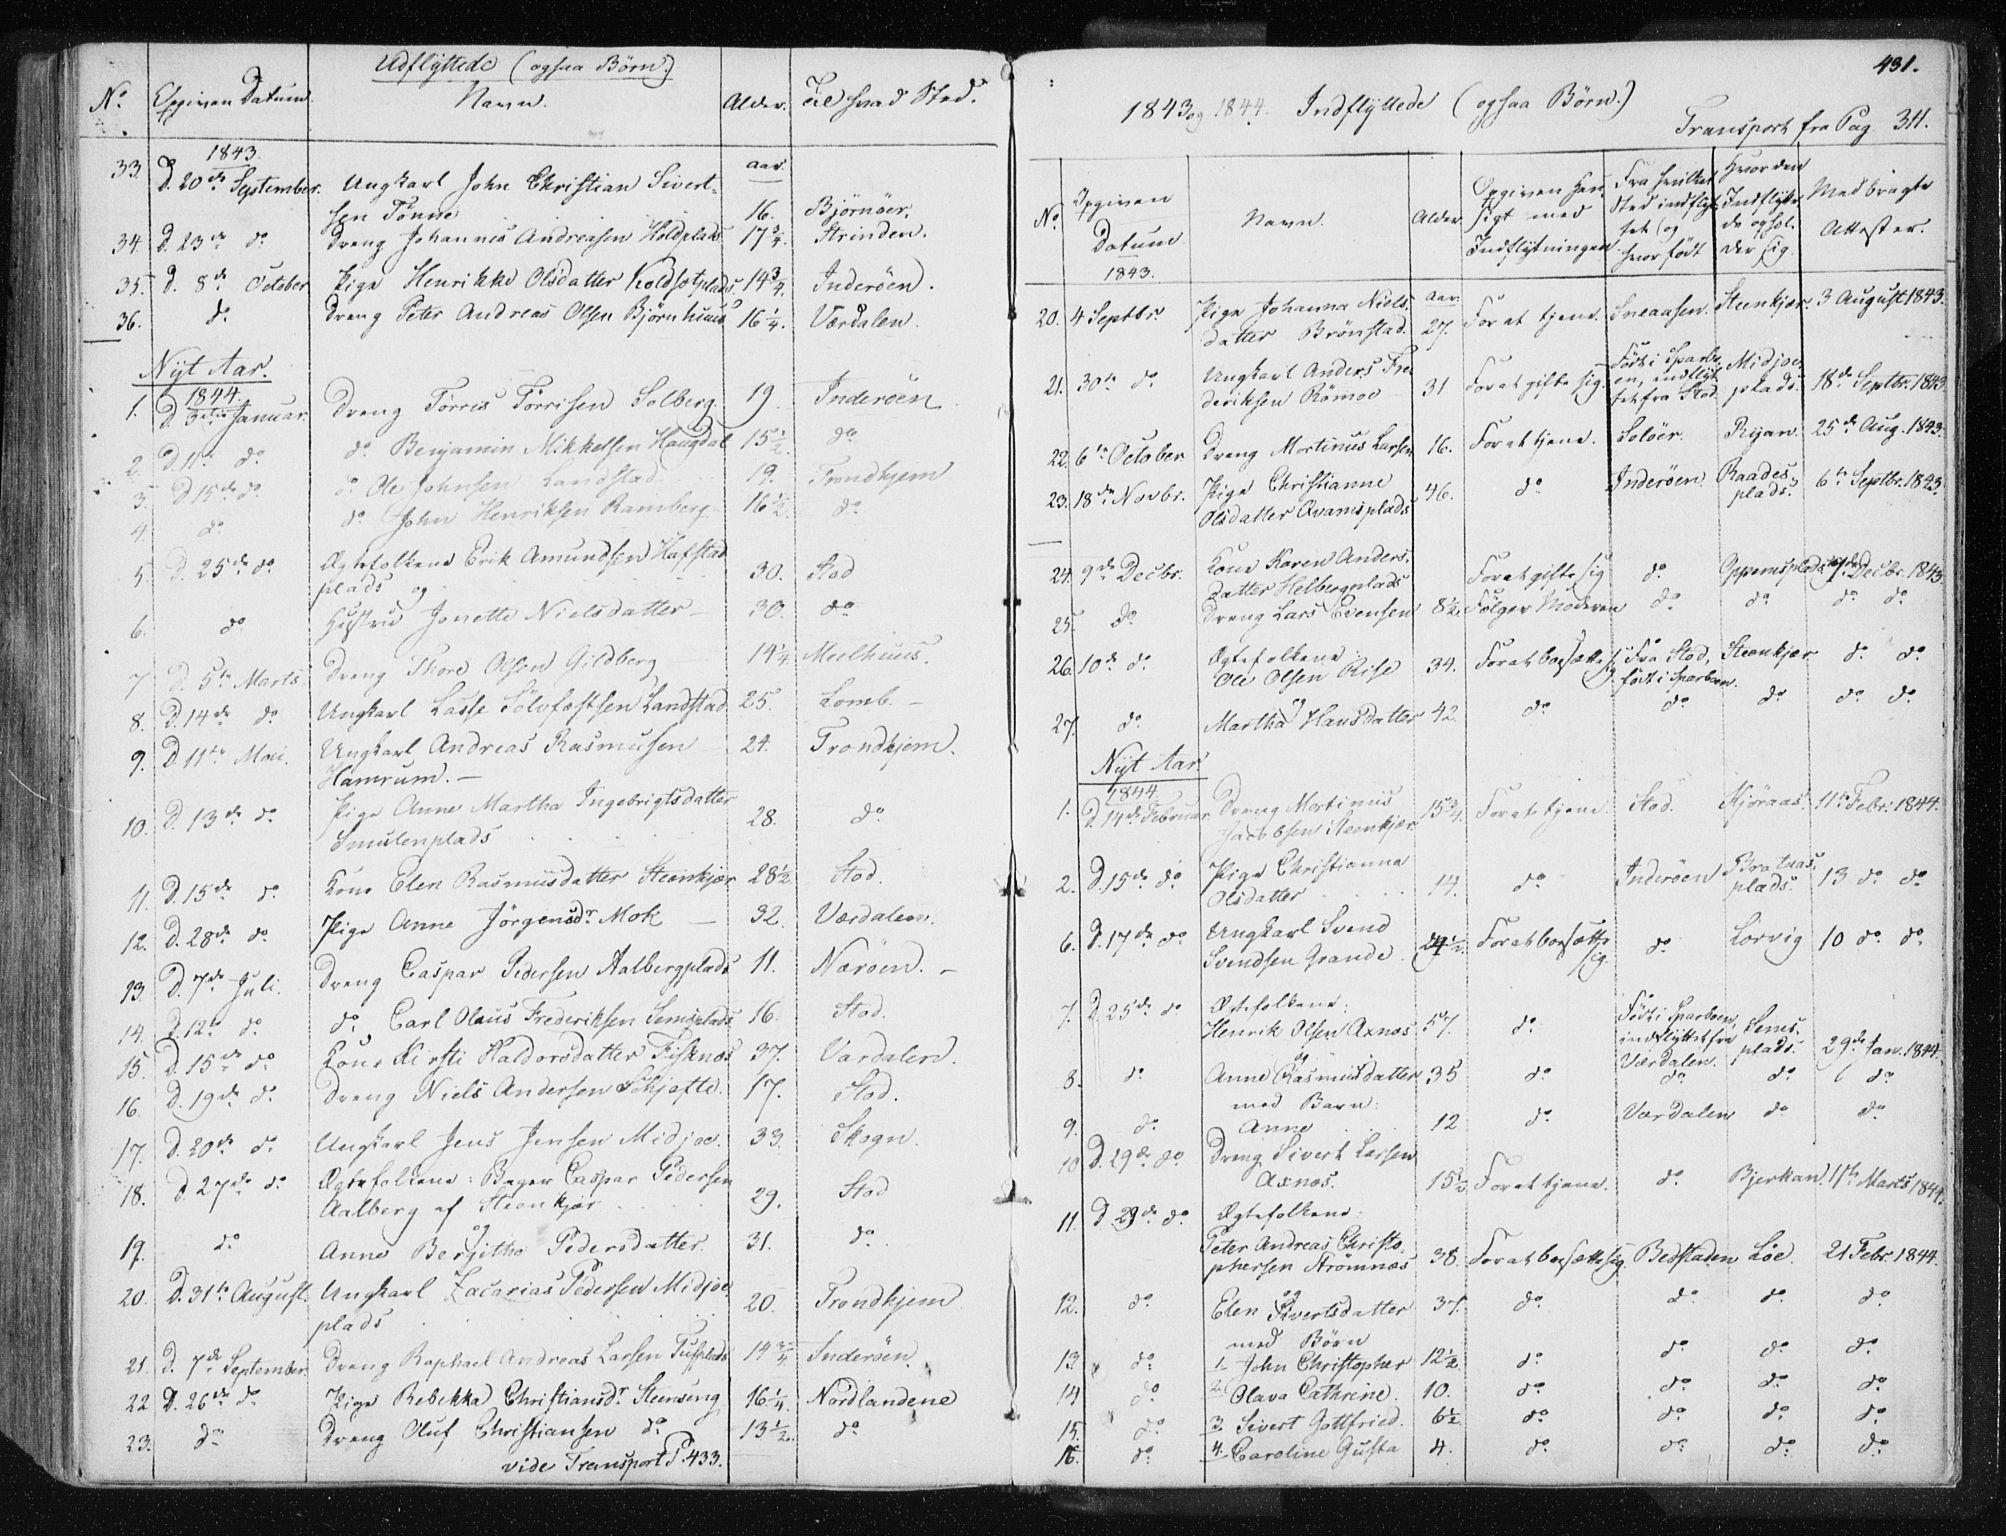 SAT, Ministerialprotokoller, klokkerbøker og fødselsregistre - Nord-Trøndelag, 735/L0339: Ministerialbok nr. 735A06 /1, 1836-1848, s. 431